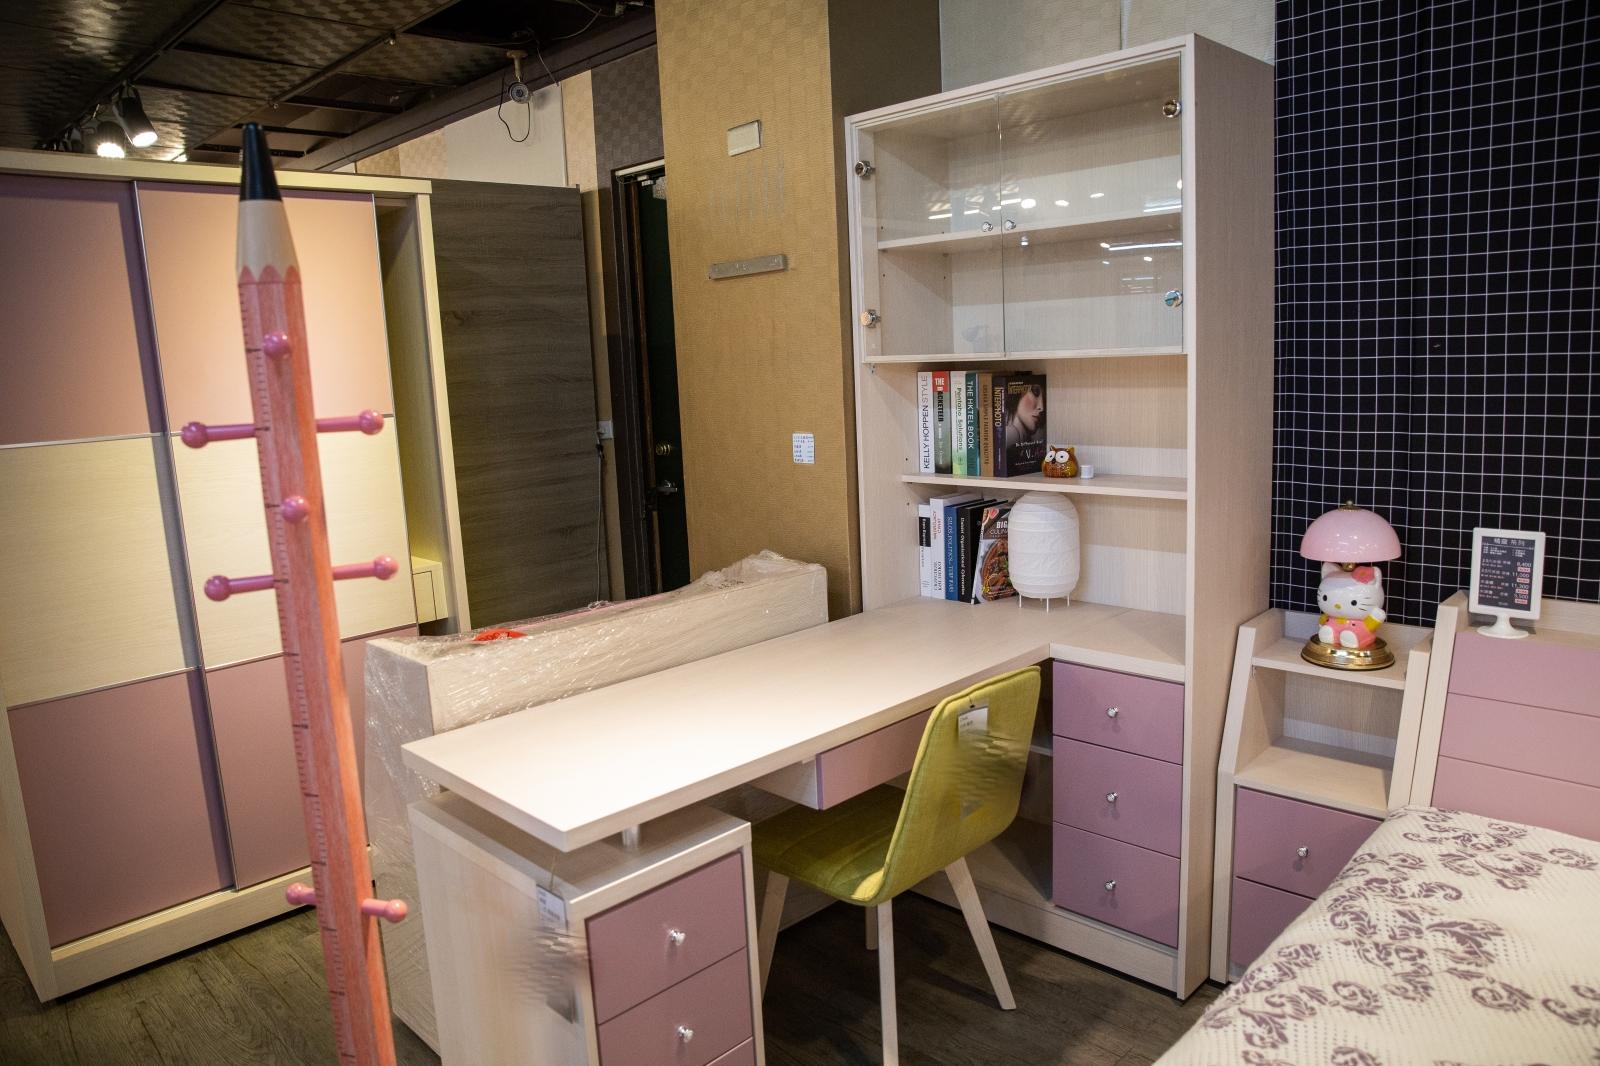 買傢俱首選『億家具批發倉庫』新莊店|限時6折優惠,傢俱項目齊全、MIT工廠直營生產品質看得見,新北家俱賣場推薦